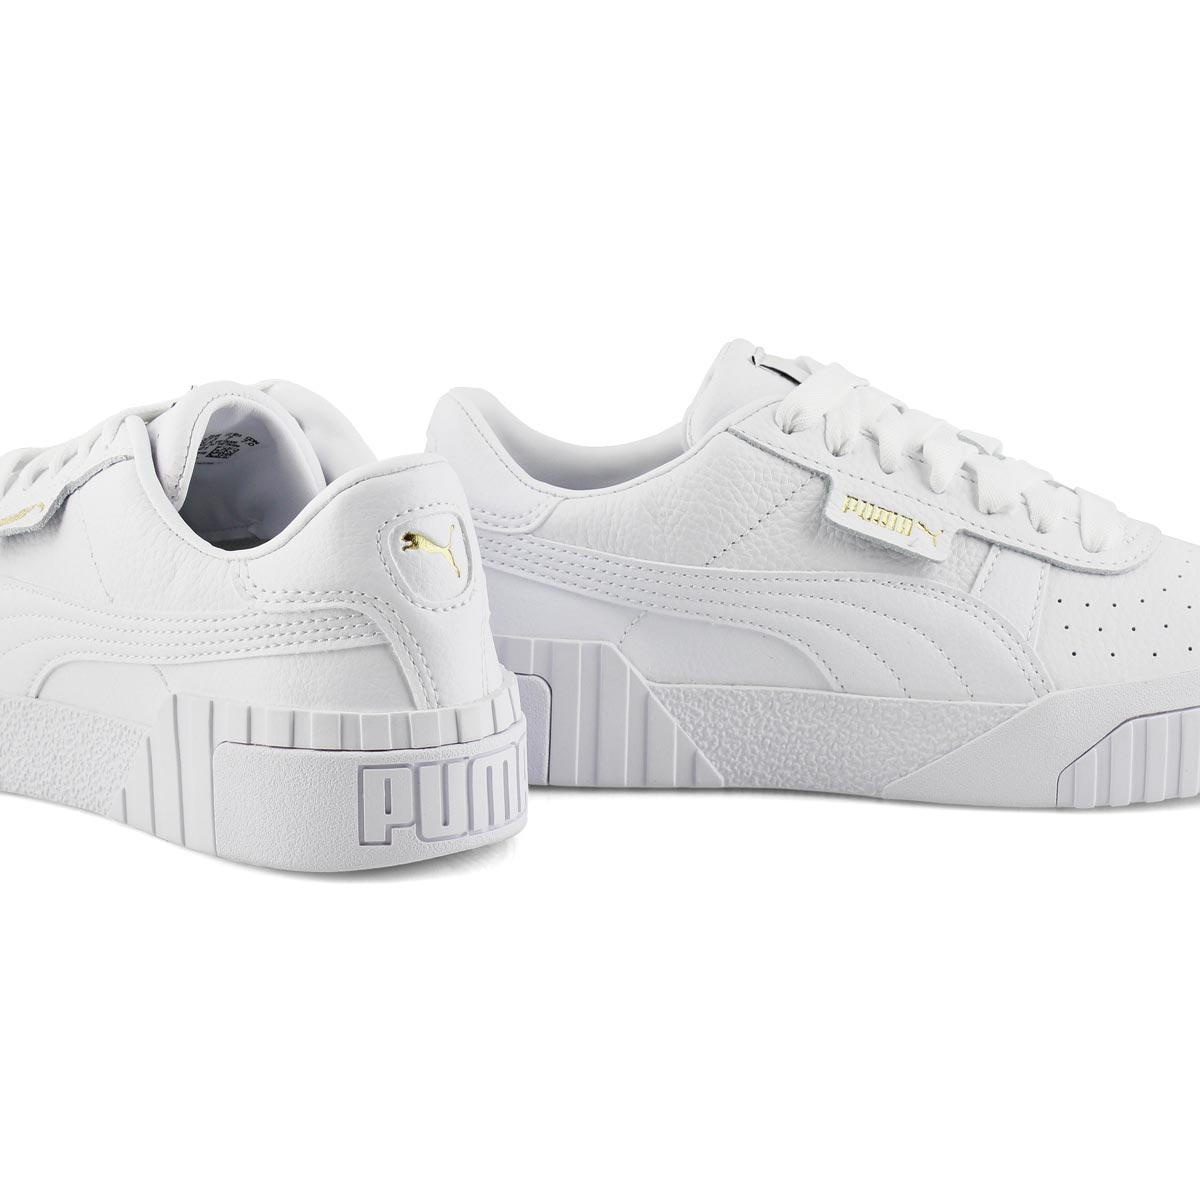 Lds Cali wht/wht lace up sneaker